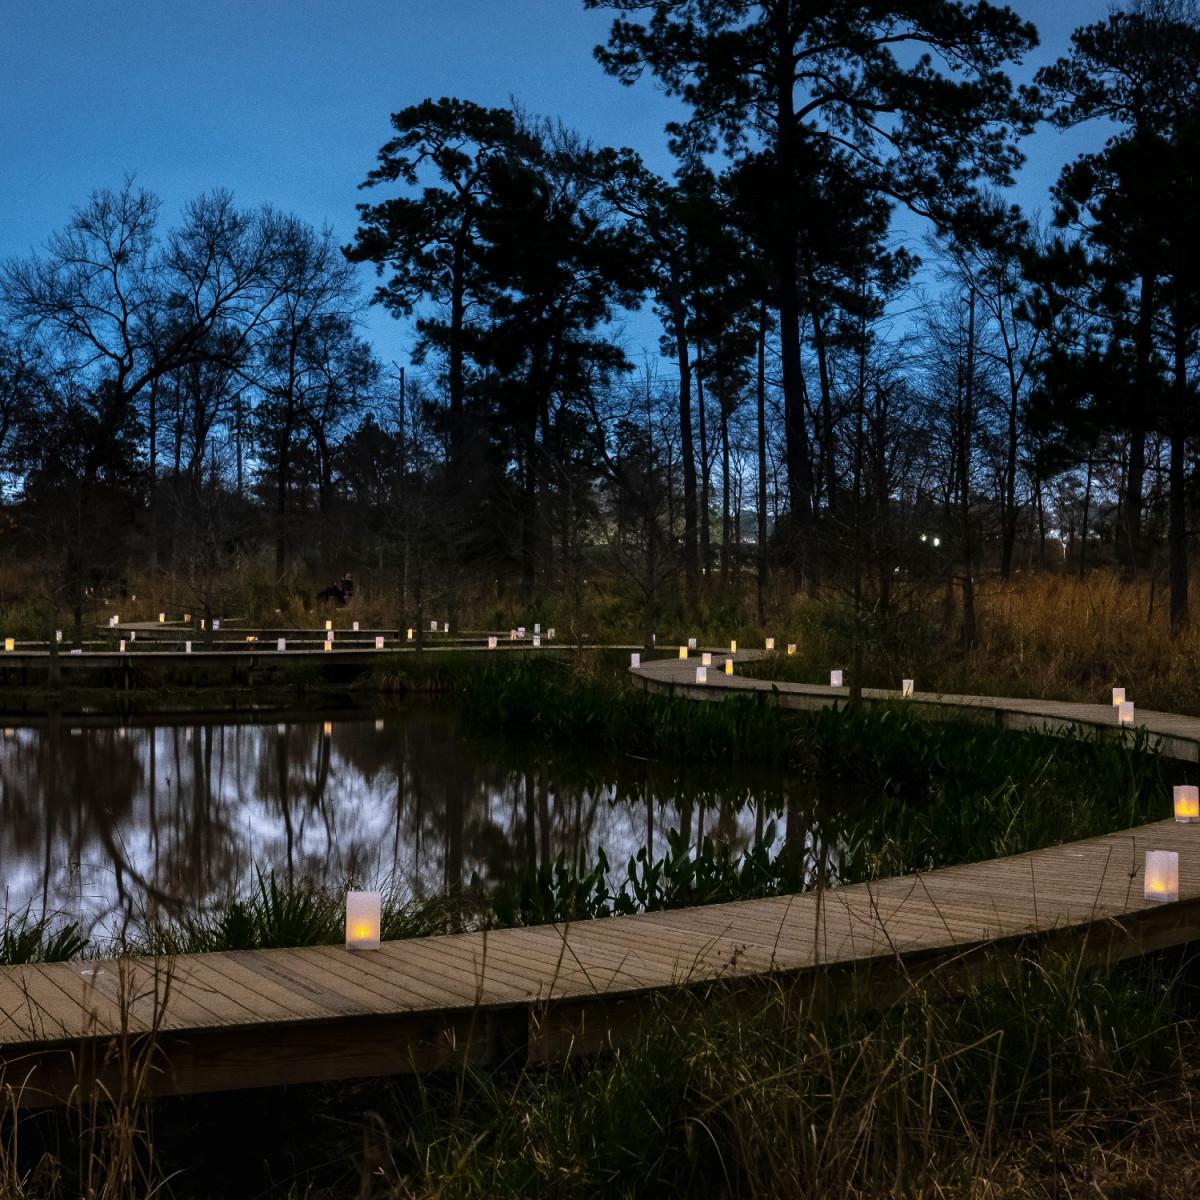 Houston Arboretum ravine bridge